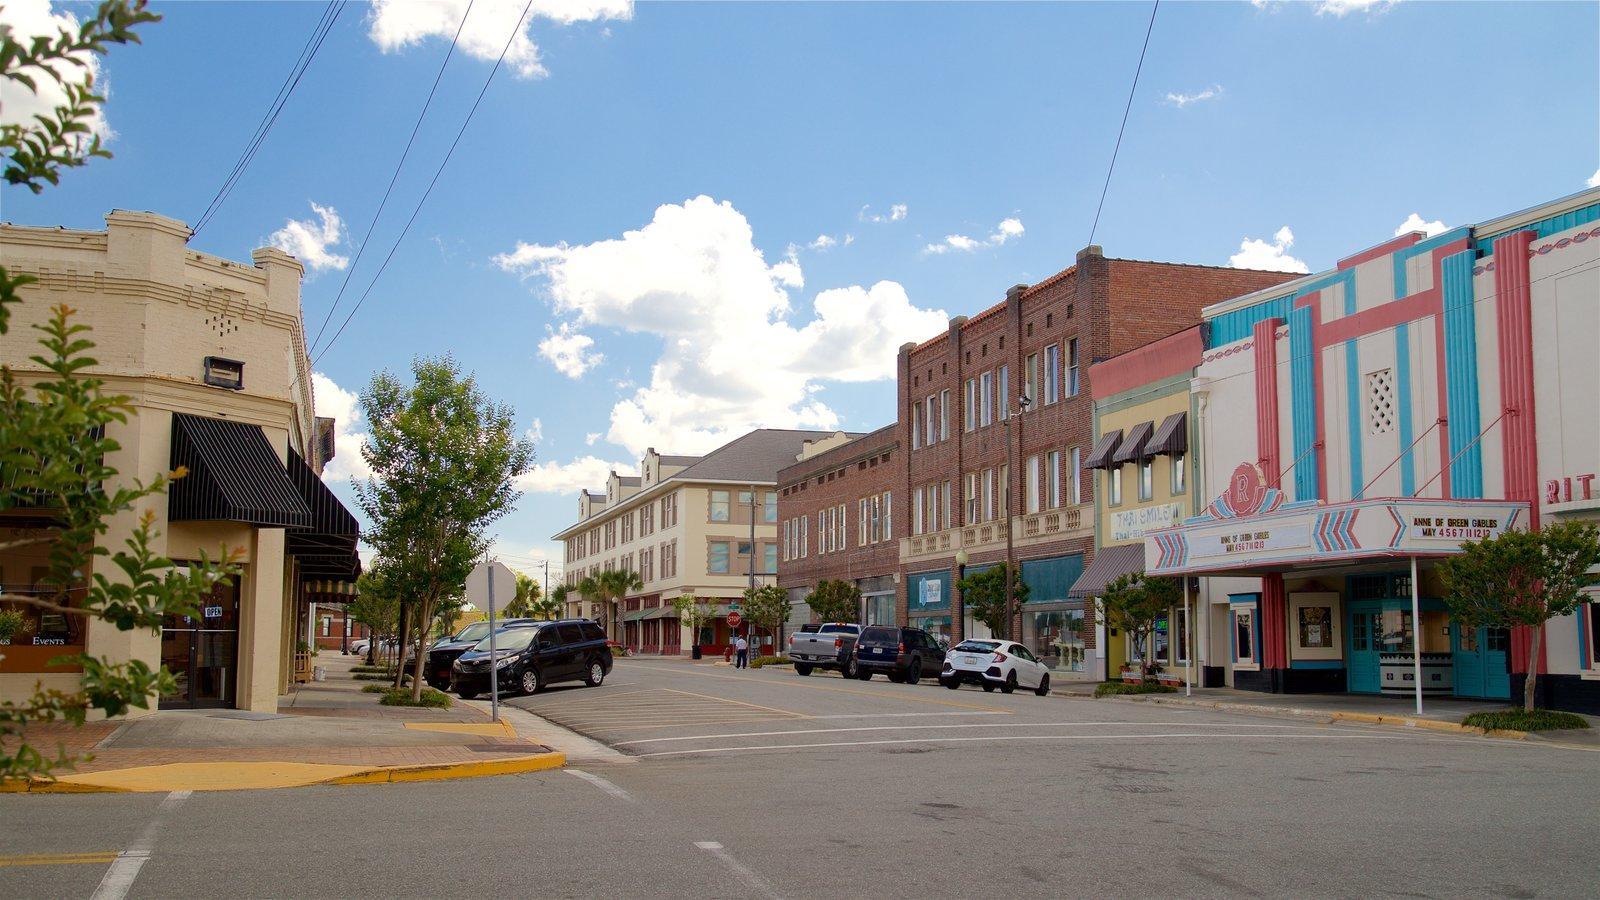 Waycross que incluye una pequeña ciudad o pueblo